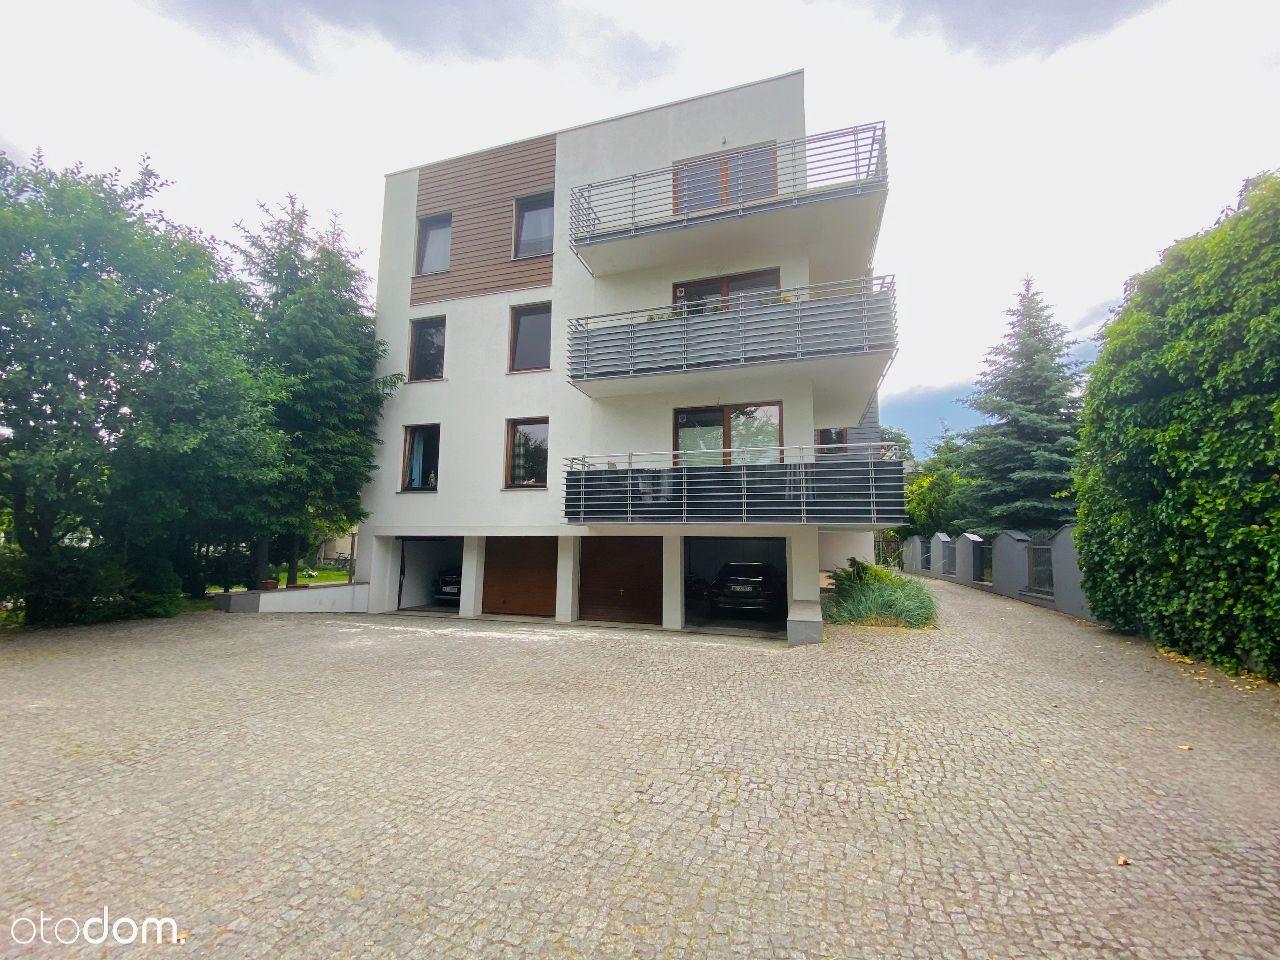 Apartament/Nowe Włochy/Ogród/Garaż/Taras/Prywatnie